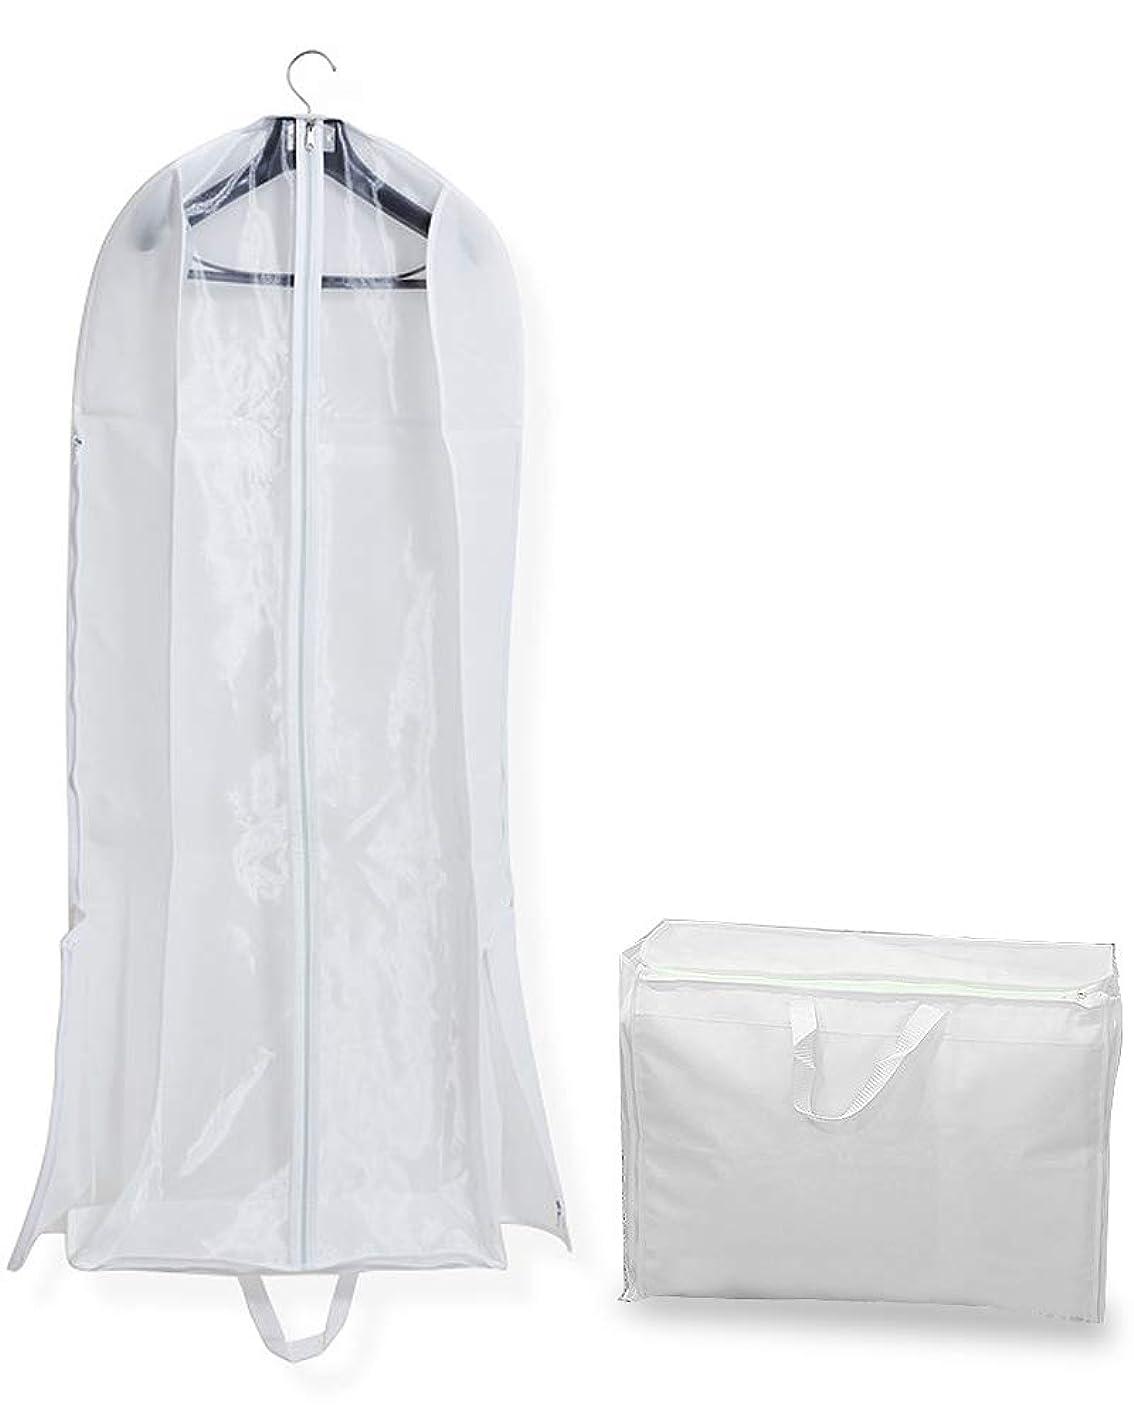 戦う故障ダメージ[ナッシュ] ドレスバッグ ガーメントバッグ ウェディングドレス スーツ 収納 カバー 機内持ち込み 軽量 大容量 160?180サイズ